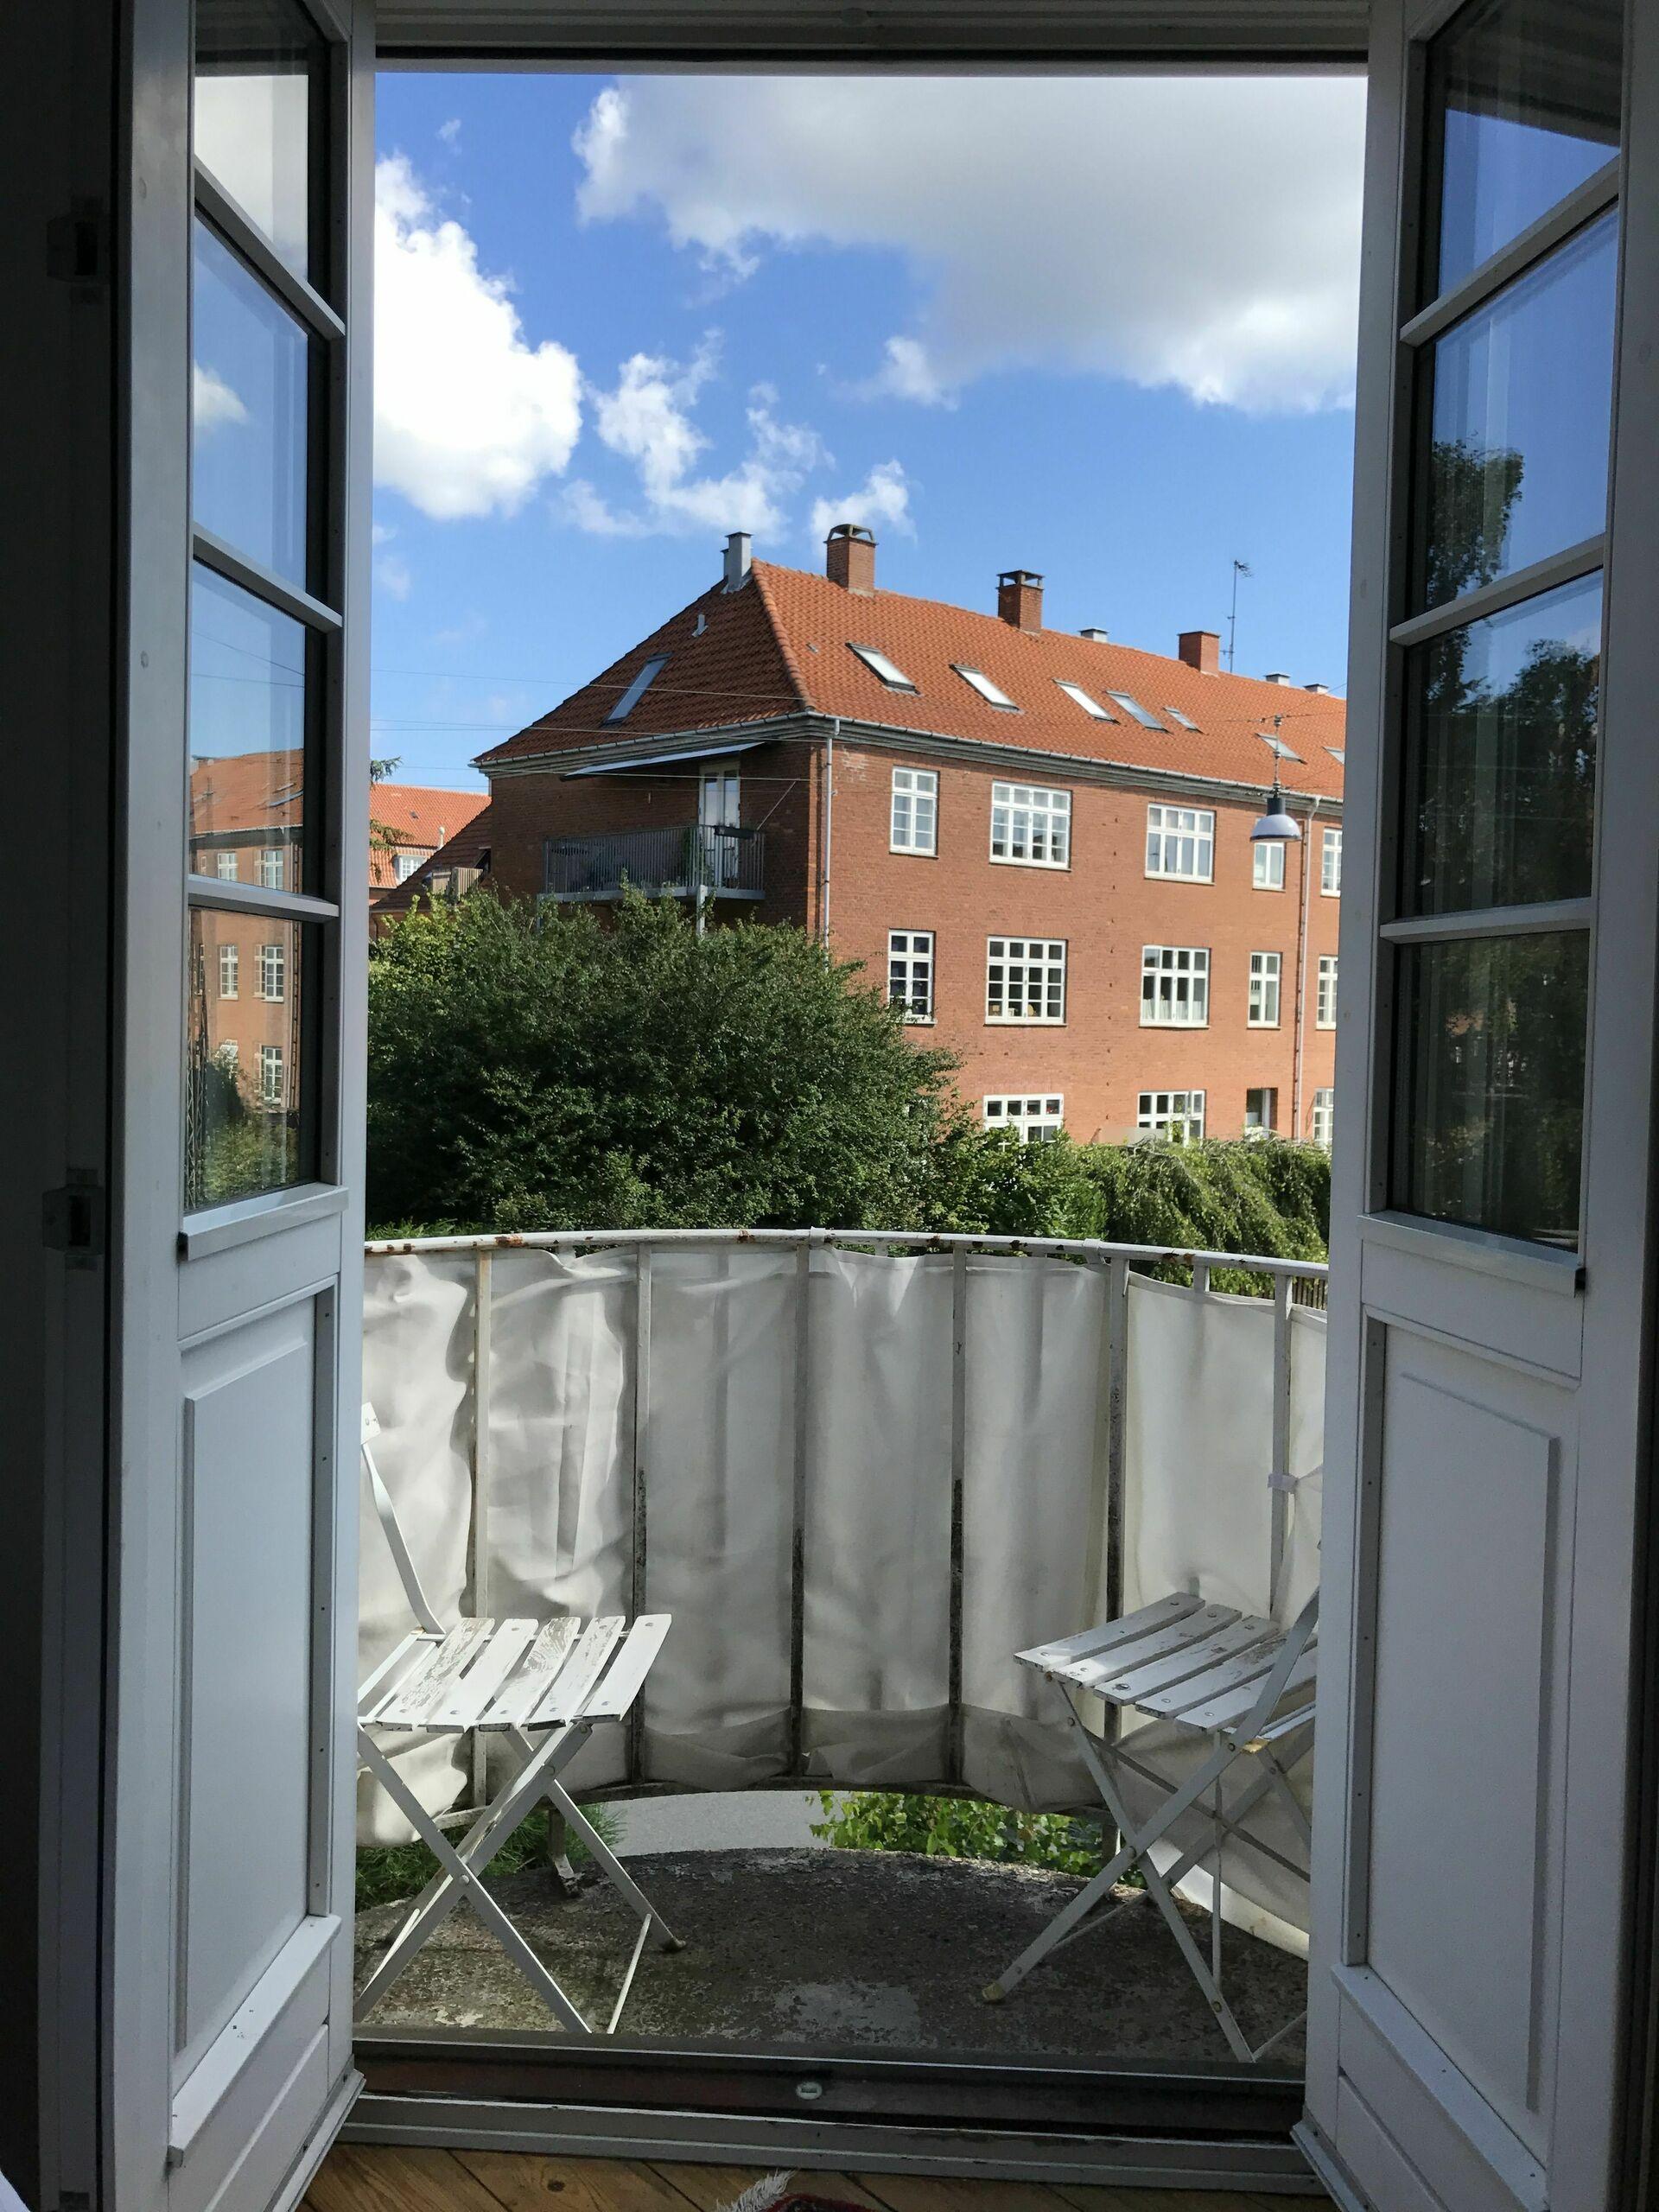 Kopenhagen Wohnung fussingvej 2 free parking wohnung in kopenhagen